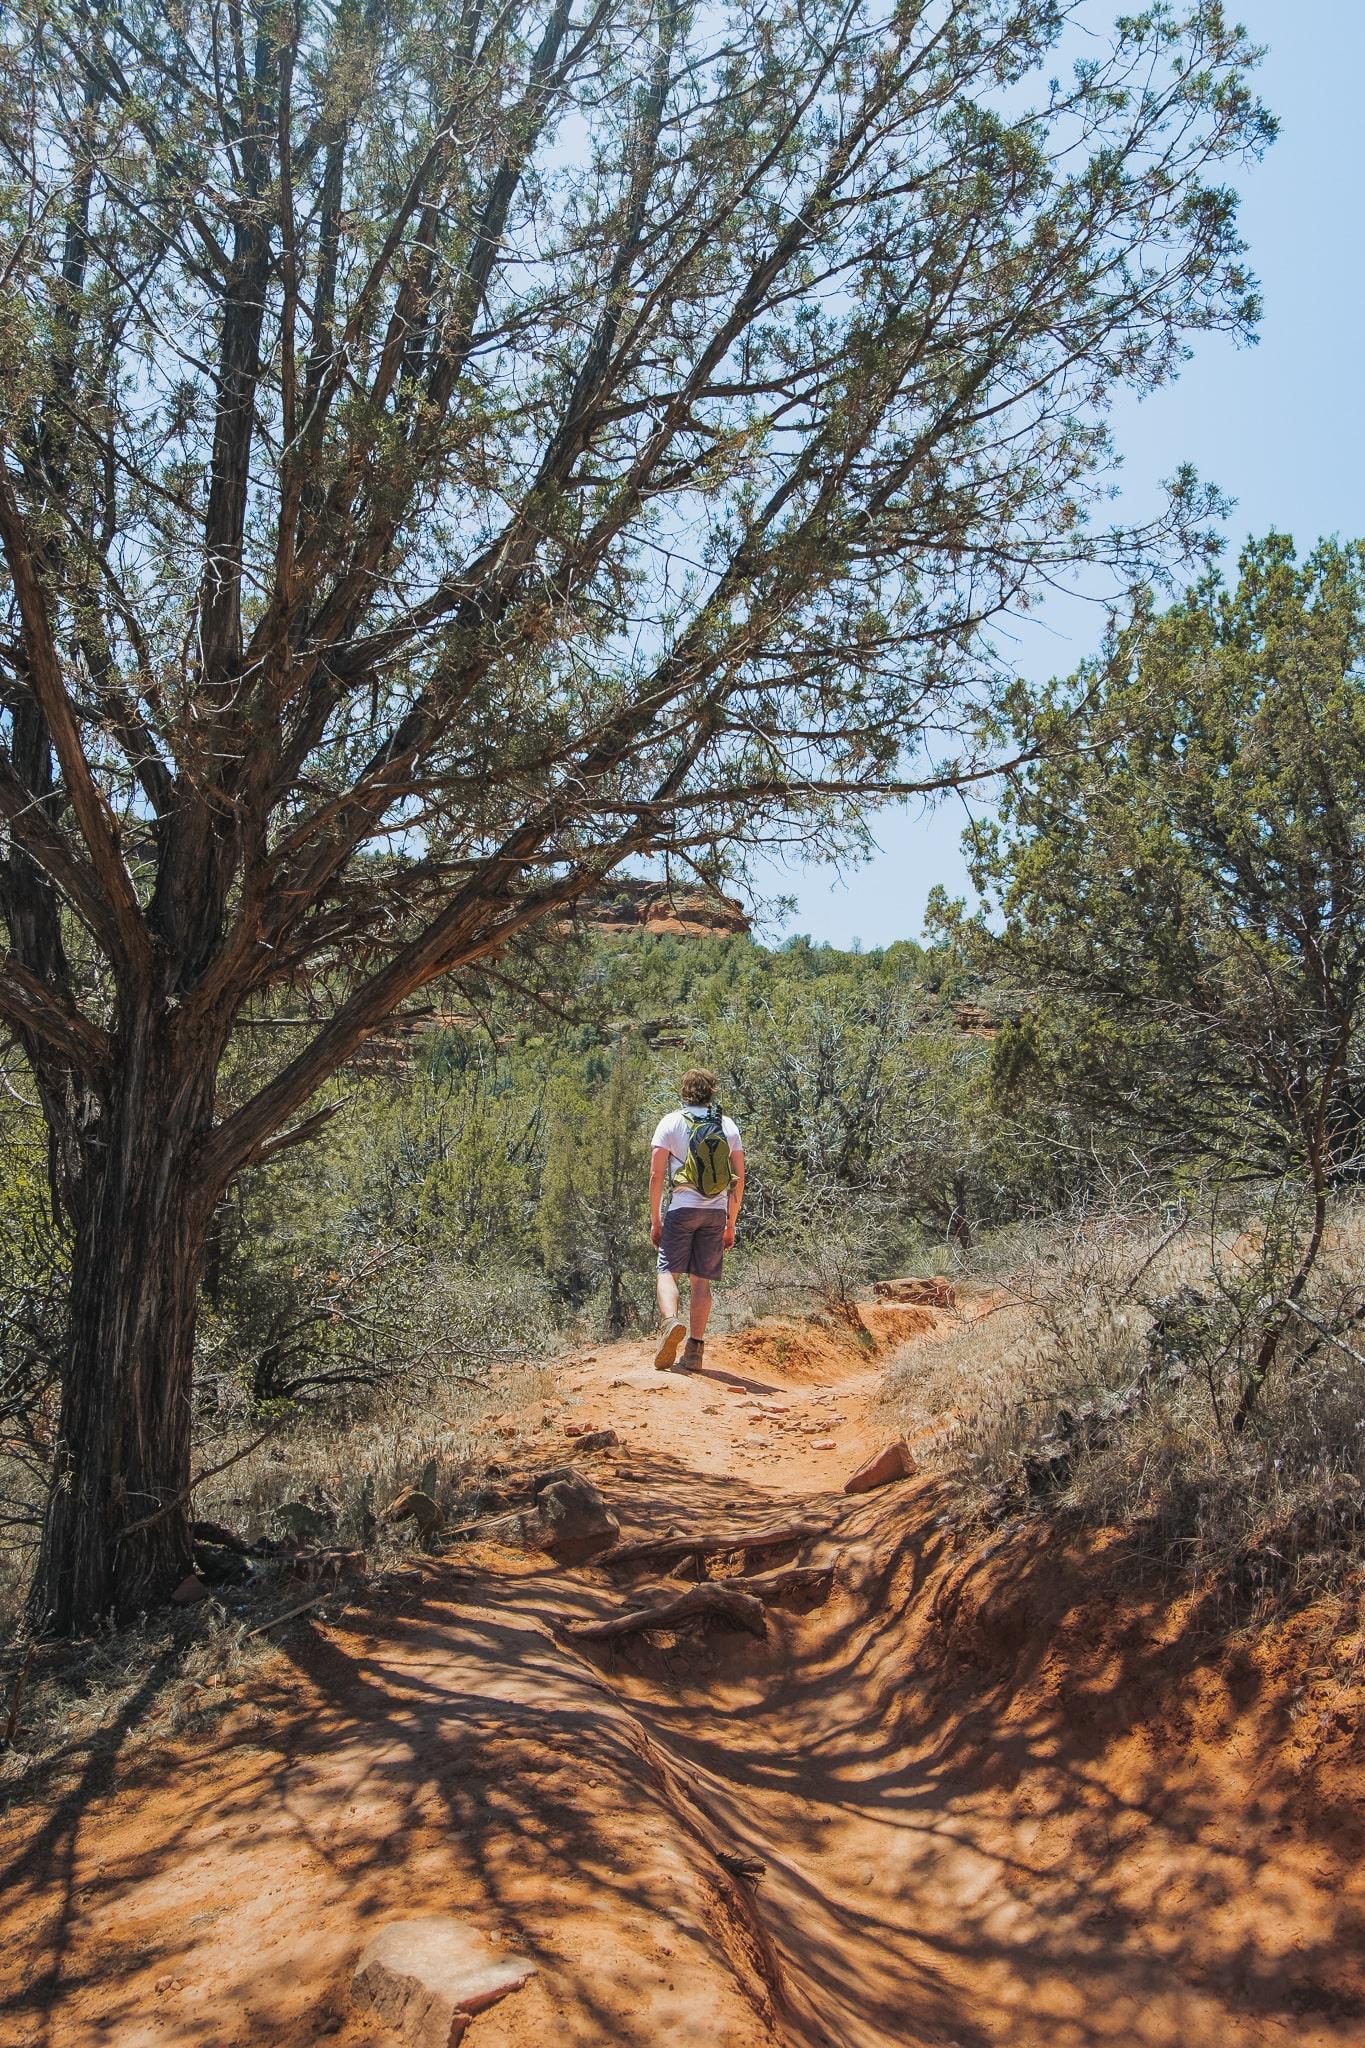 hiking through the desert in Sedona, Arizona